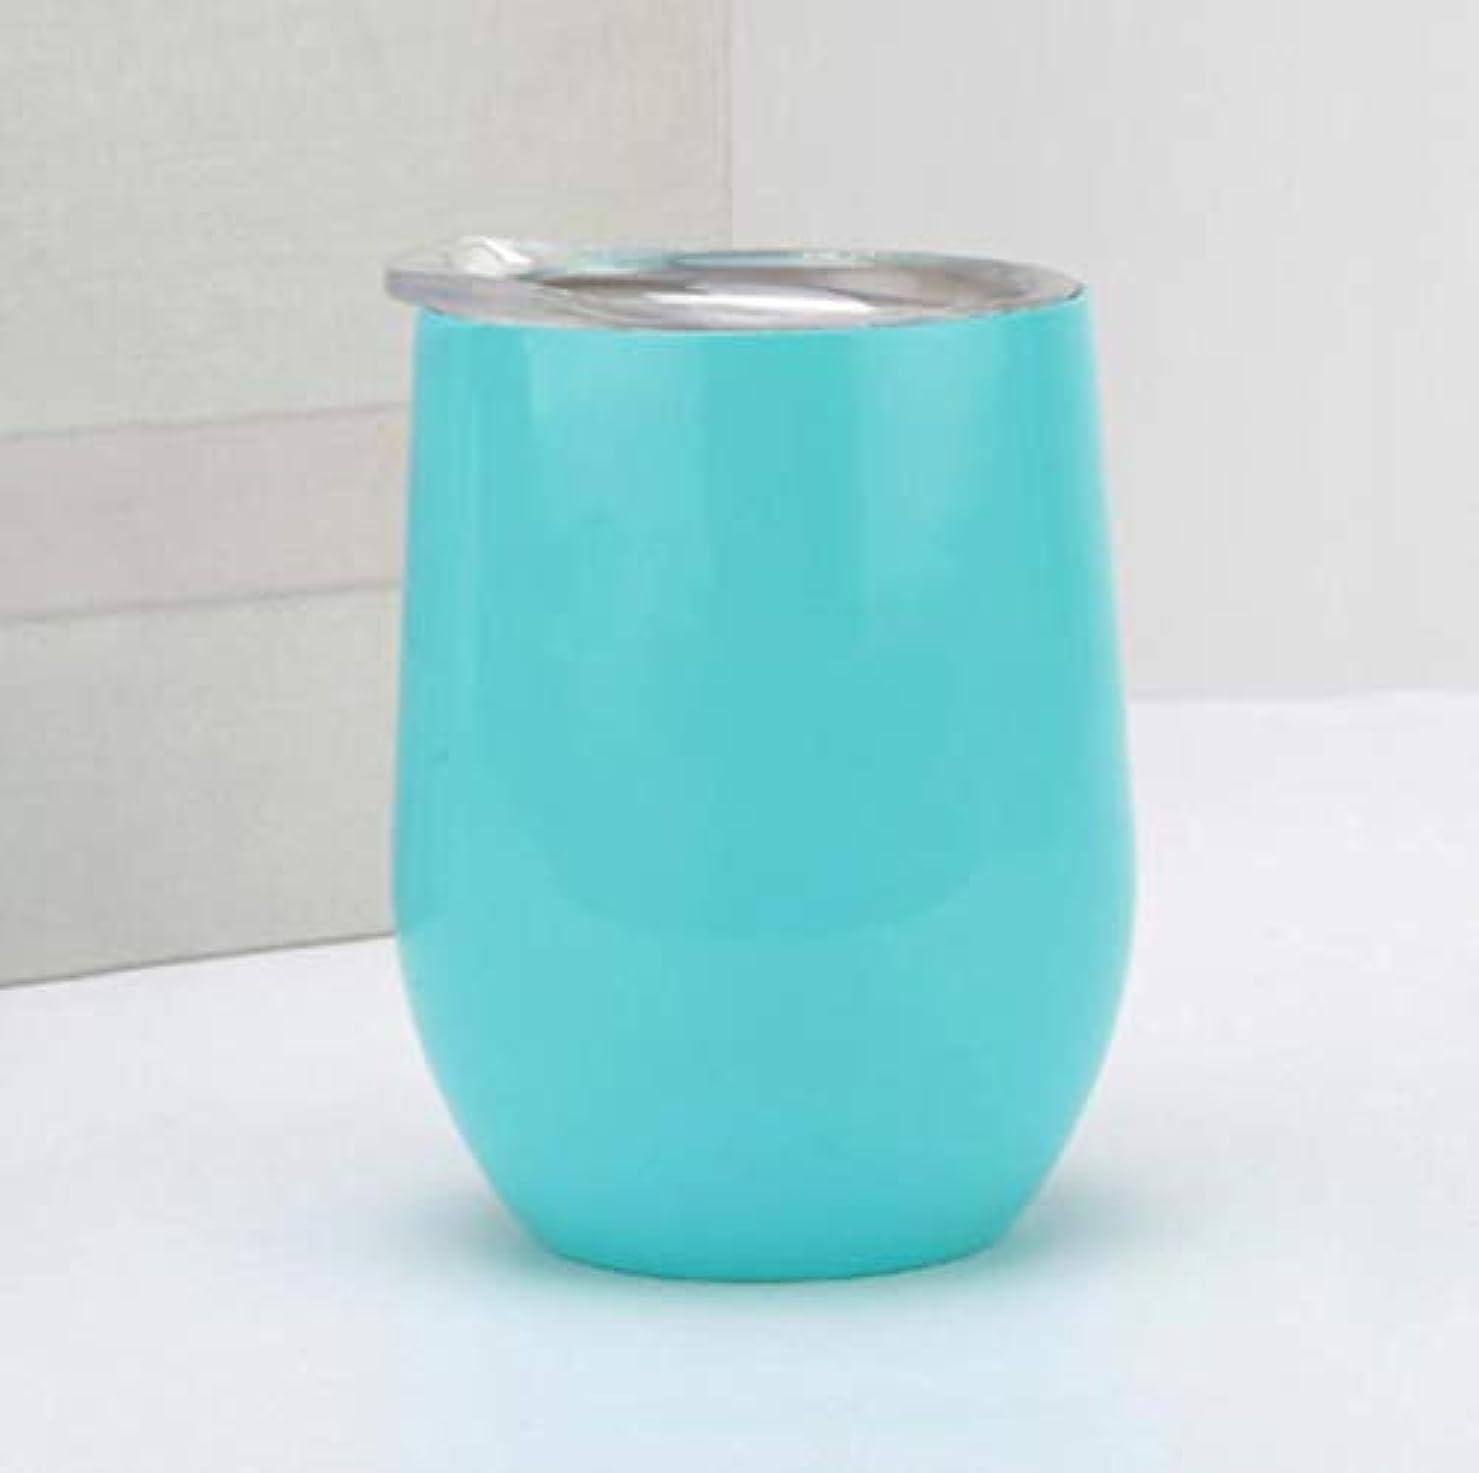 交響曲保持フォーマットCOLORFUH スポーツ用品50 500ミリリットルワインボトル12オンス卵カップワイングラスステンレス鋼真空フラスコ二重真空断熱ビールスポーツ水